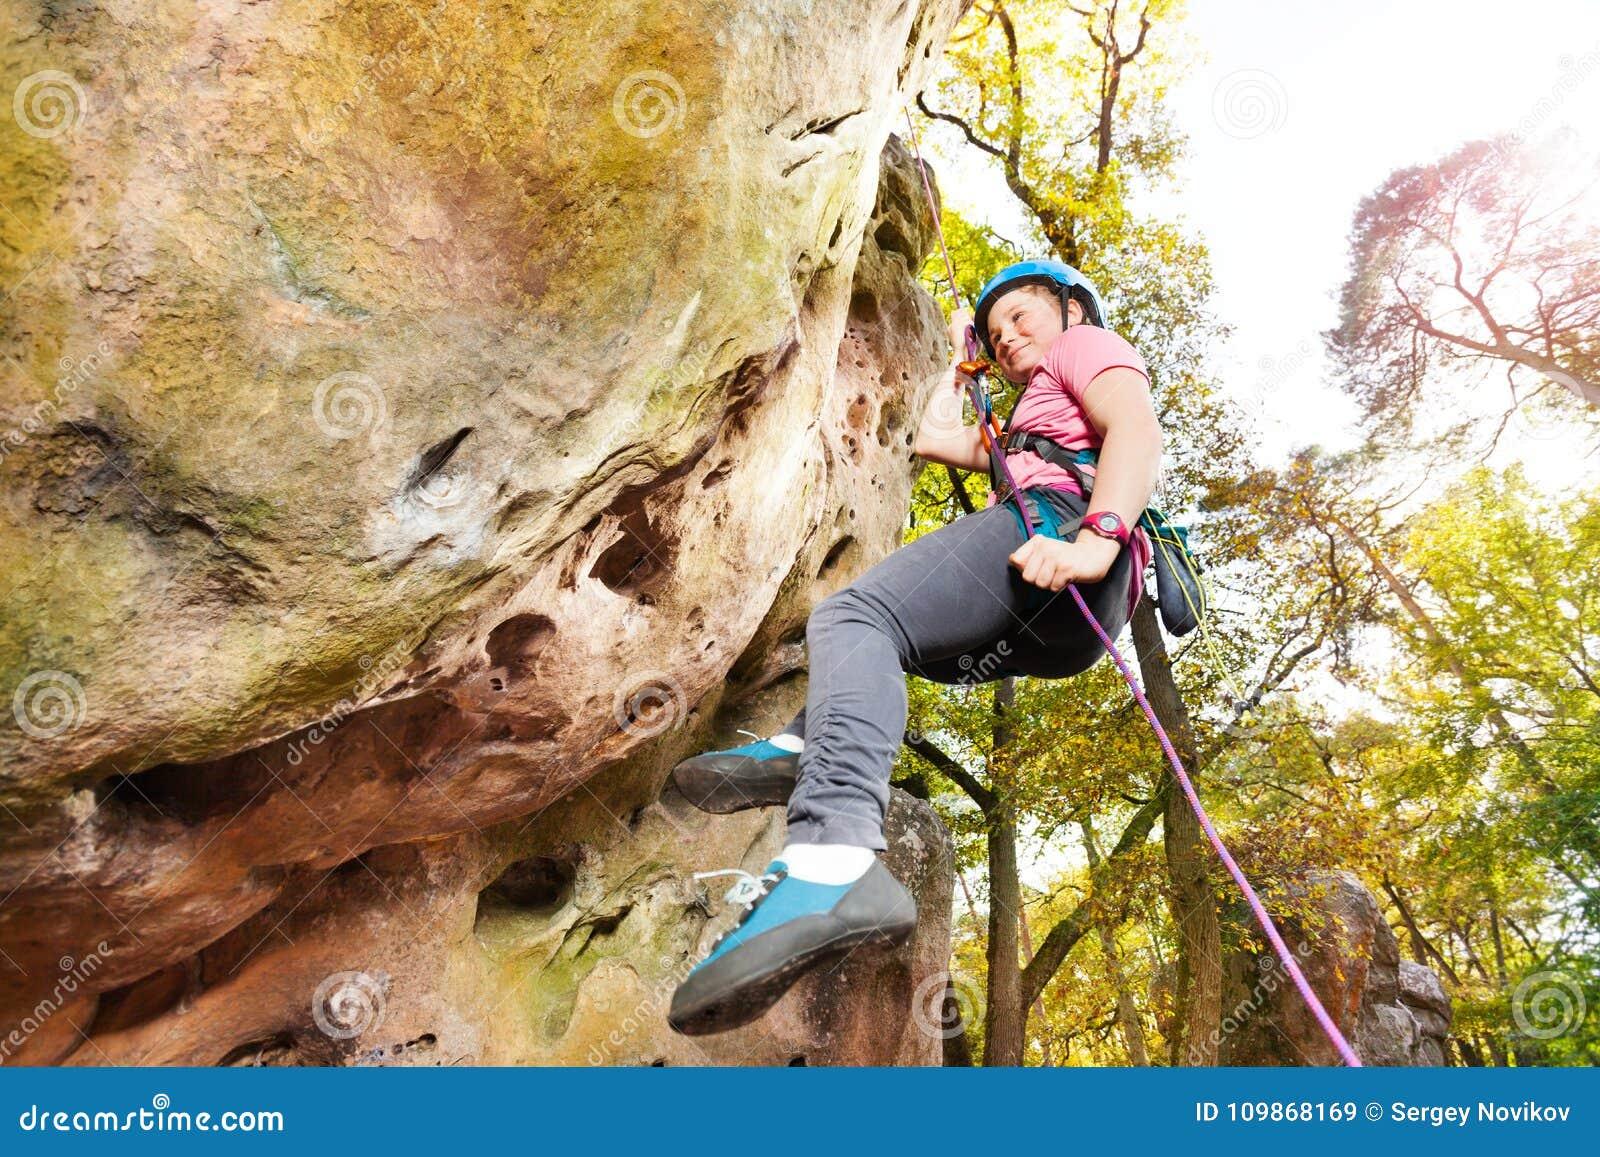 290daf8dd Escalador De Roca Adolescente Que Ejercita En El Día Soleado Imagen ...